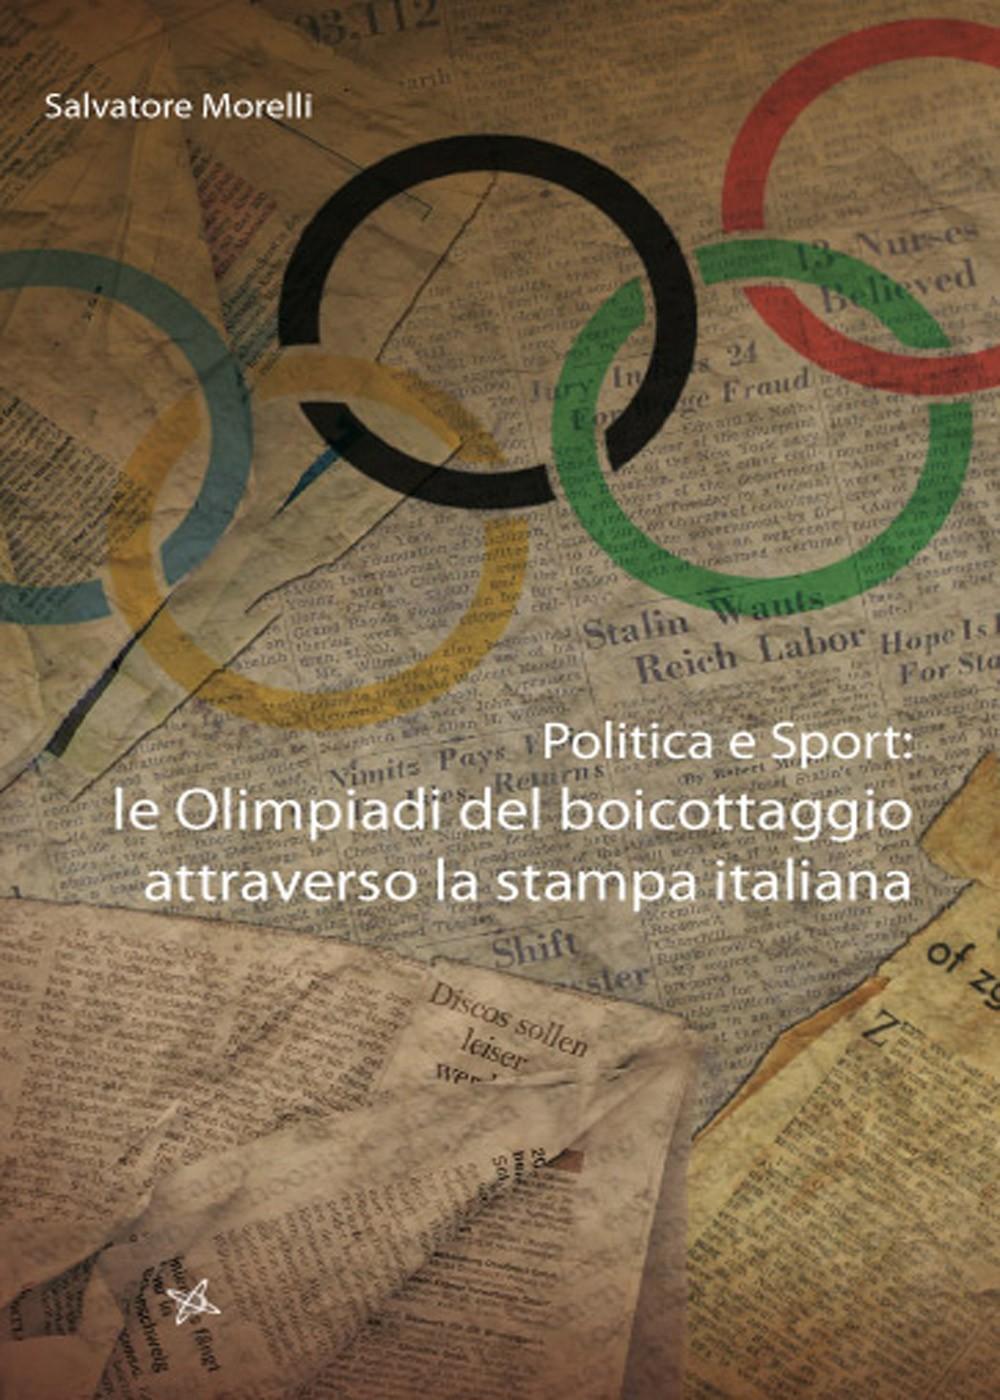 Politica e sport. Le olimpiadi del boicottaggio attraverso la stampa italiana